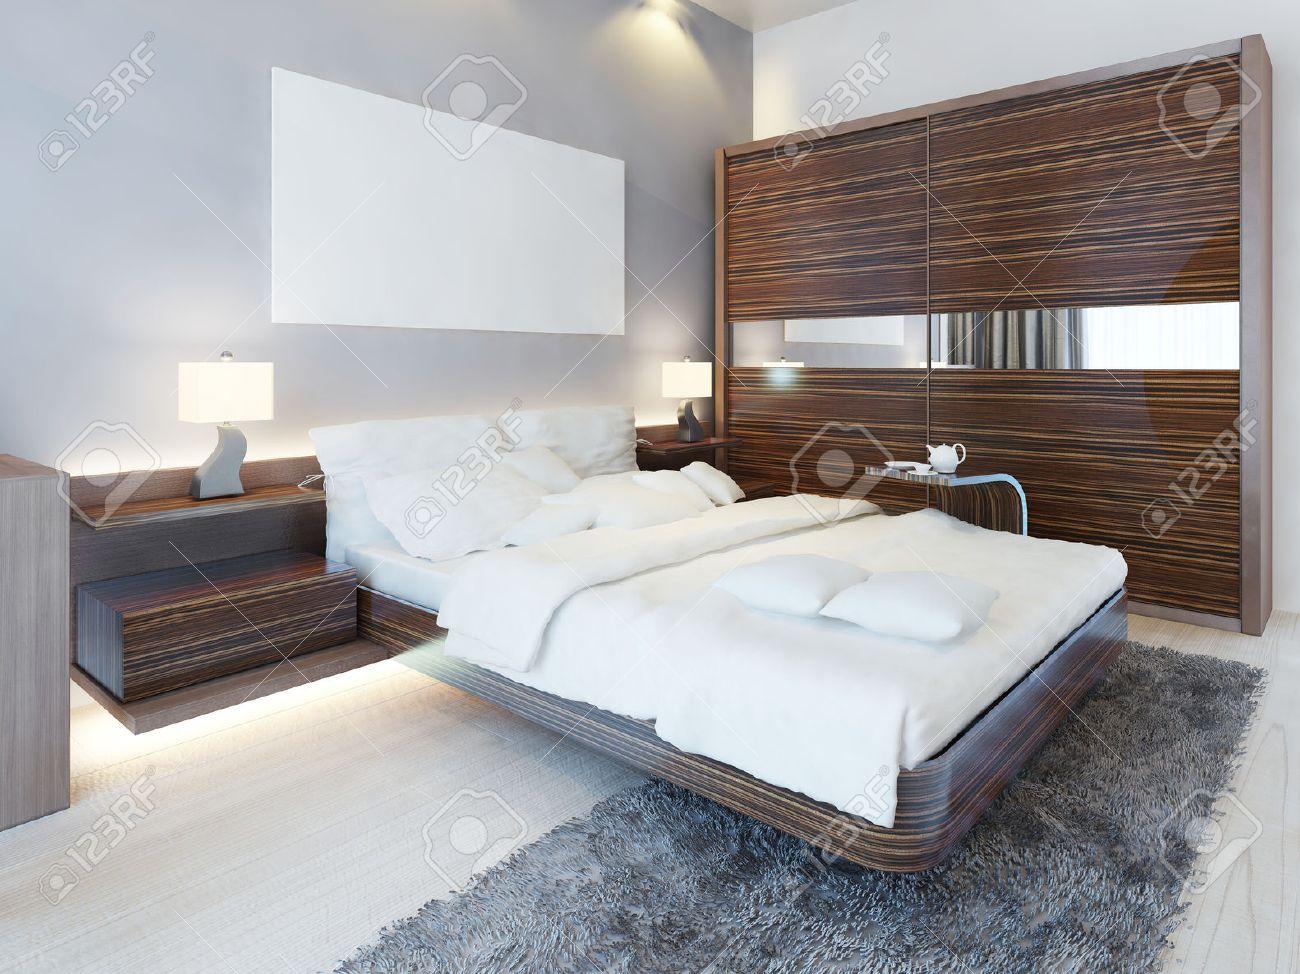 Moderne Schlafzimmer In Weissen Farben Und Mobel Zebrano Luxusbett